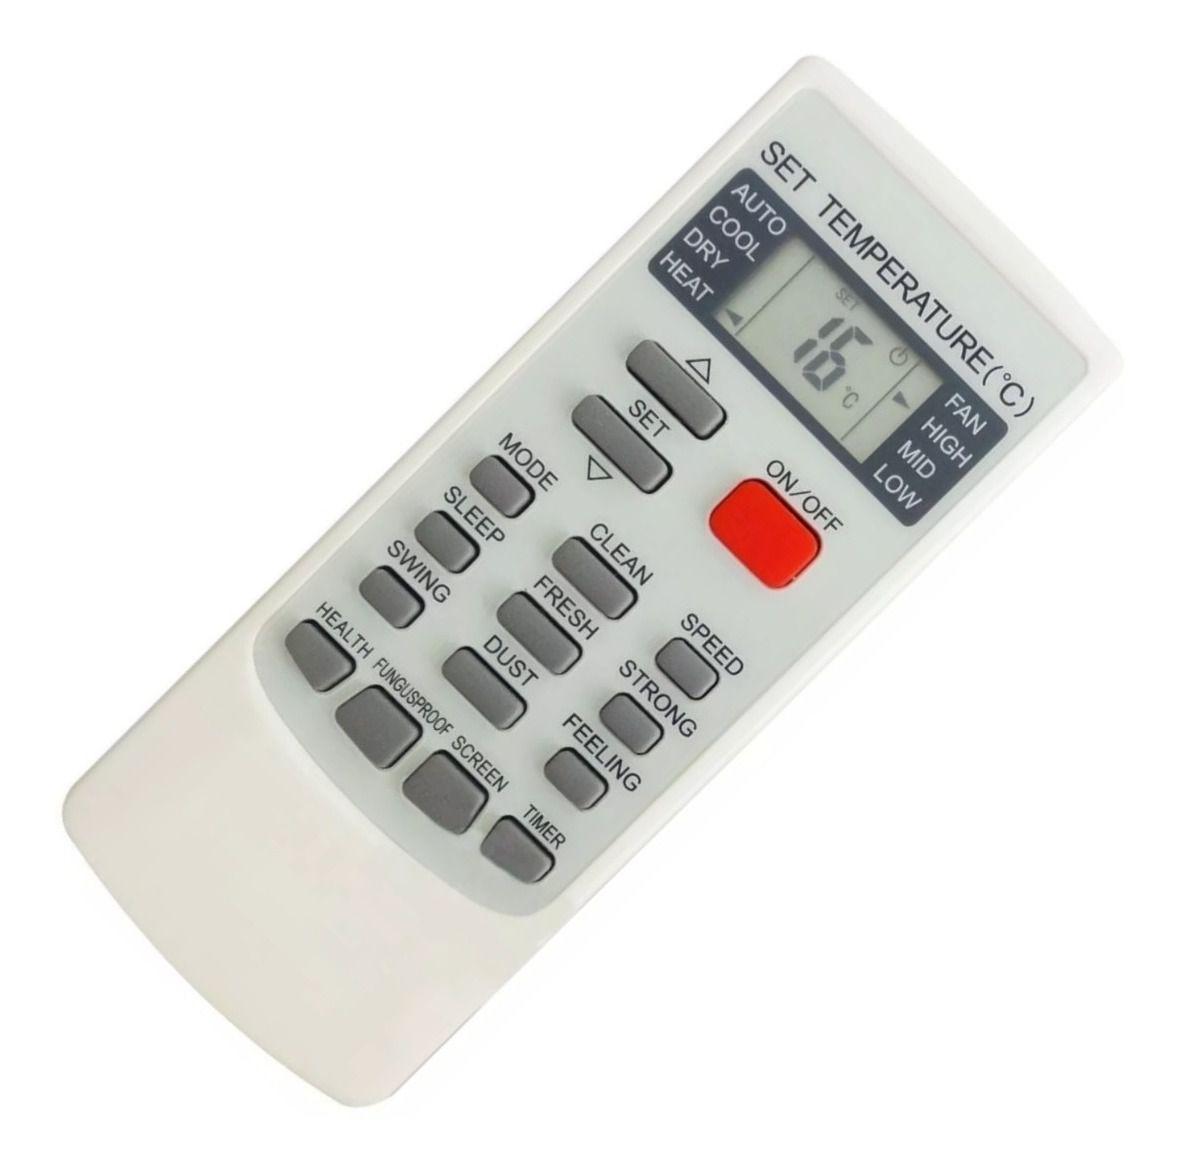 Controle Remoto Ar Condicionado Elgin YKR-H/002E Similar